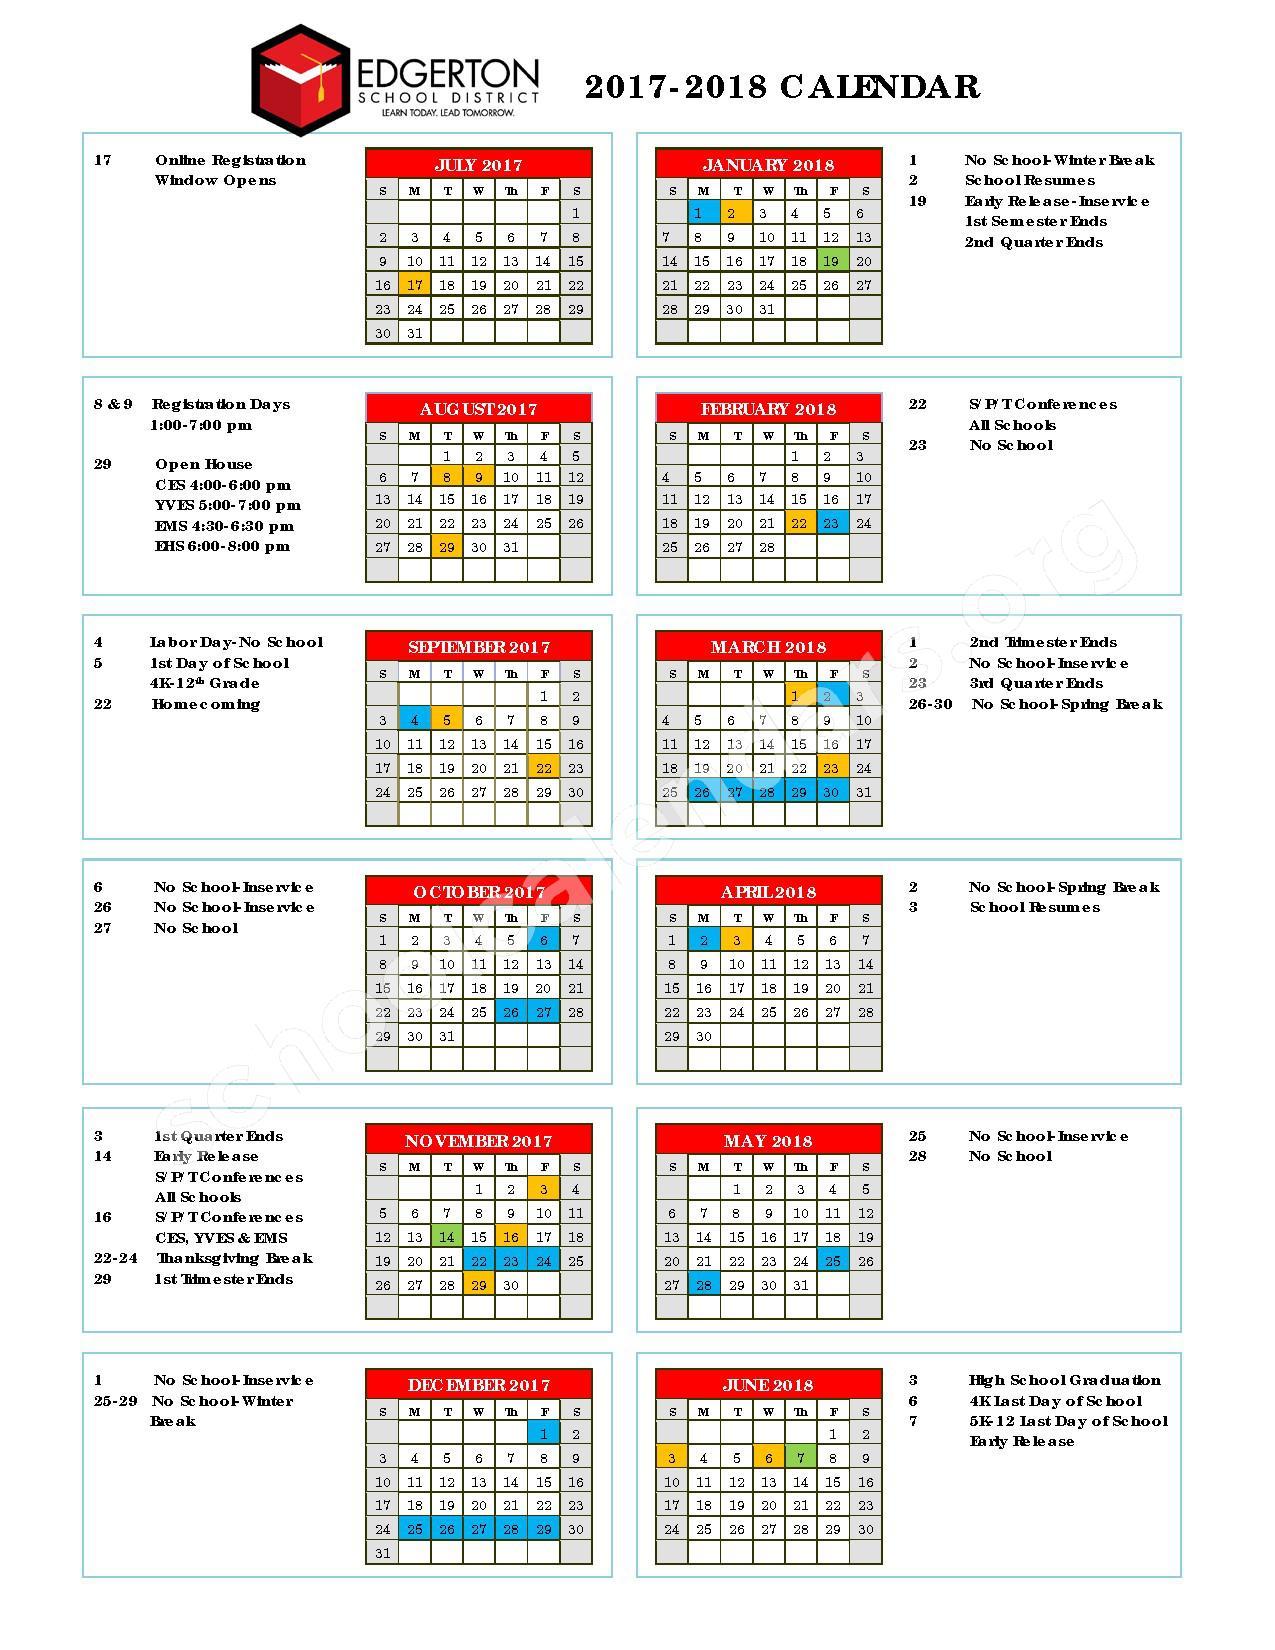 2017 - 2018 District Calendar – Edgerton School District – page 1